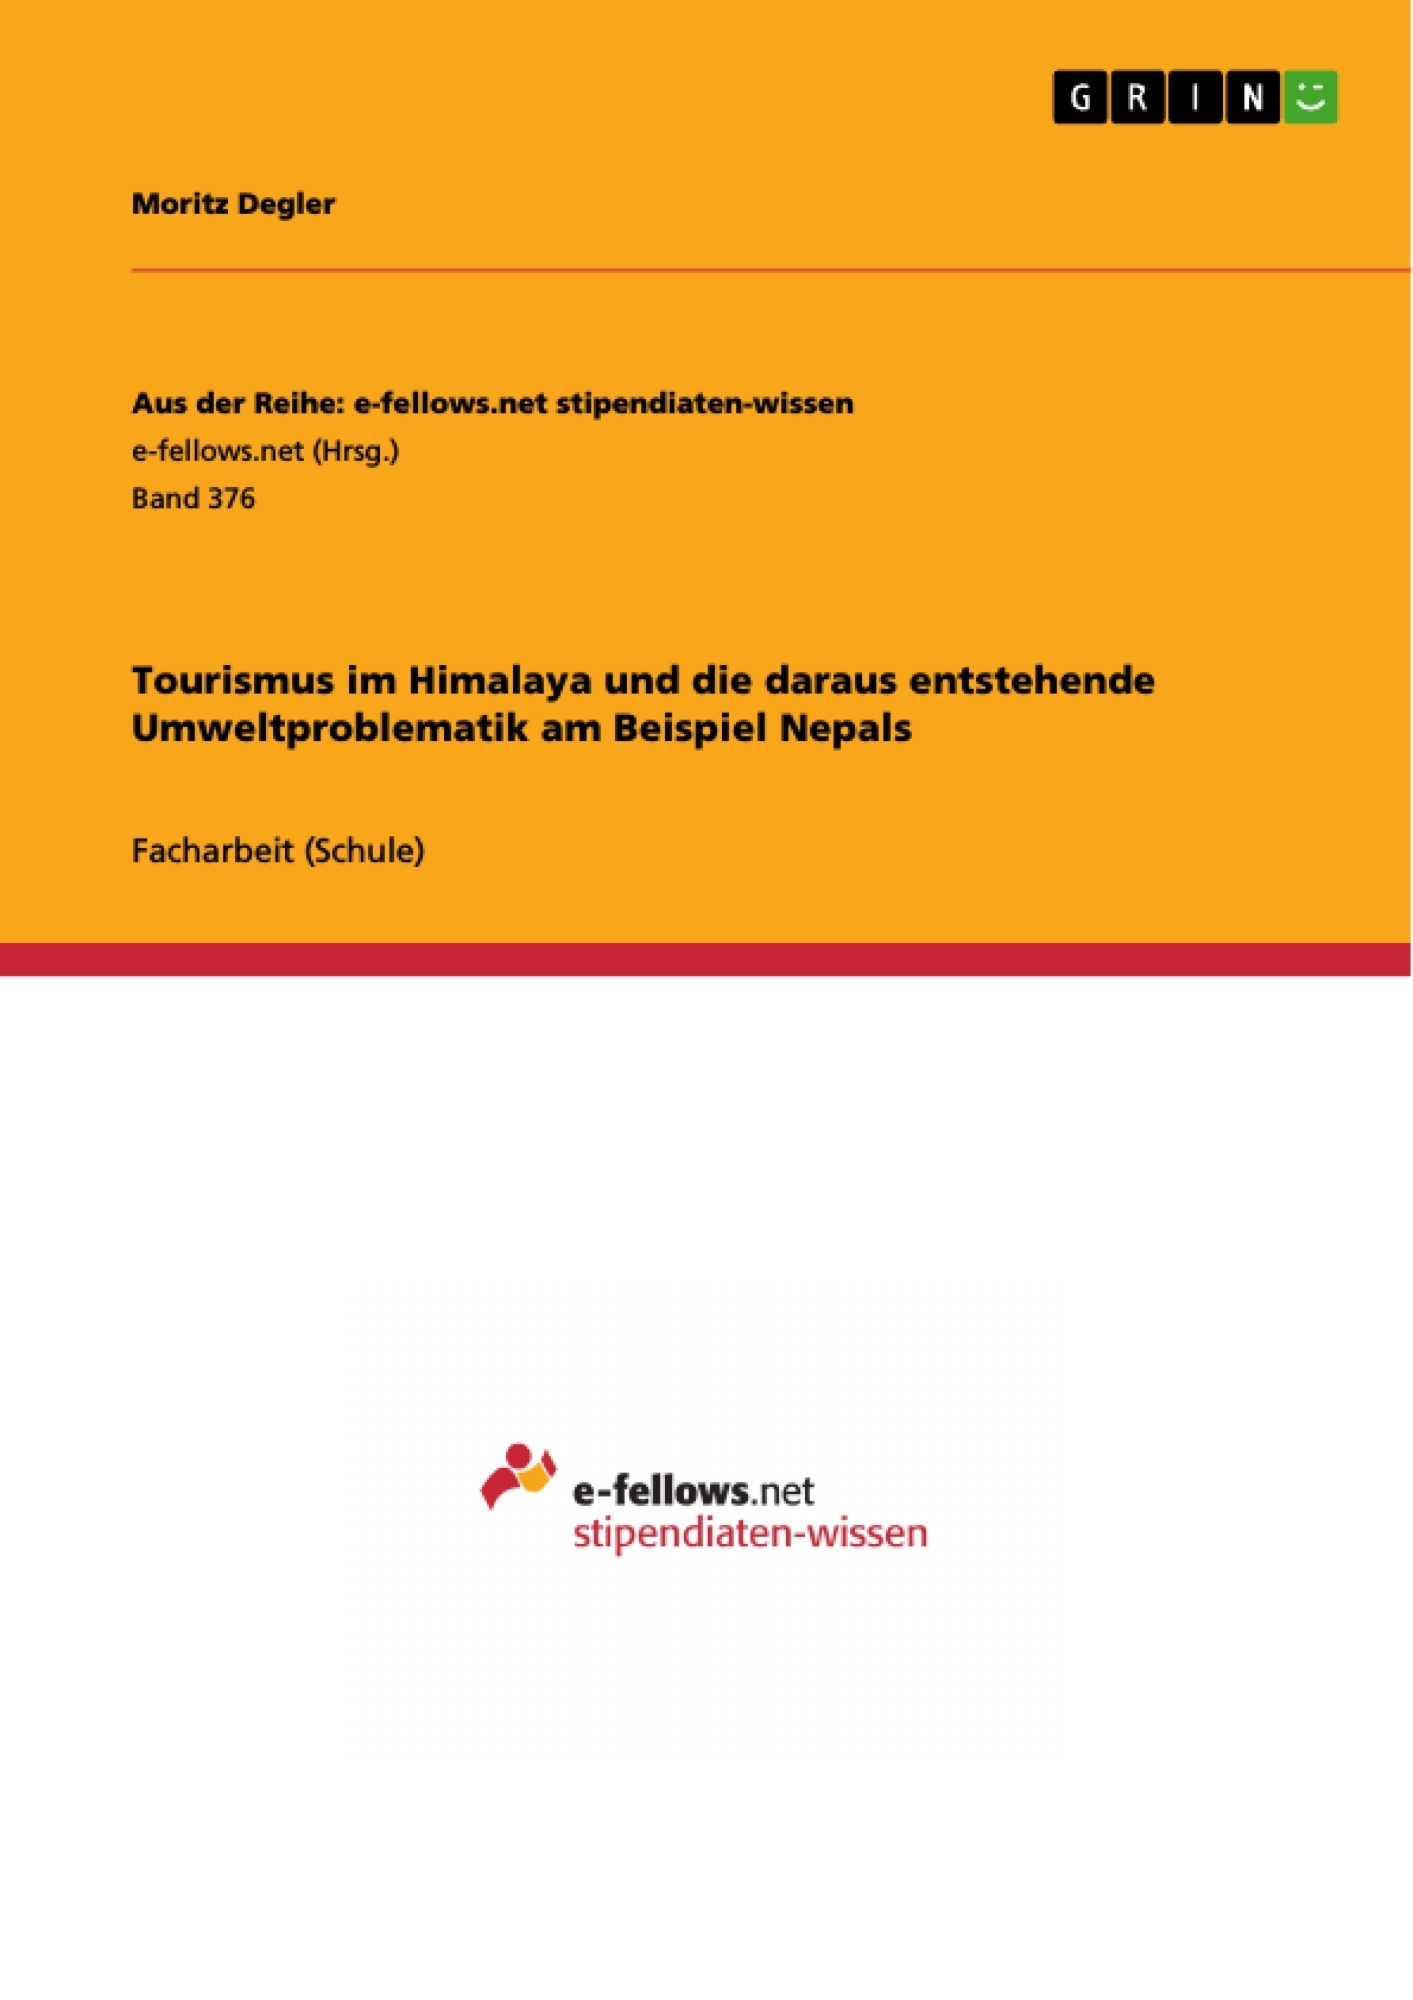 Titel: Tourismus im Himalaya und die daraus entstehende Umweltproblematik am Beispiel Nepals